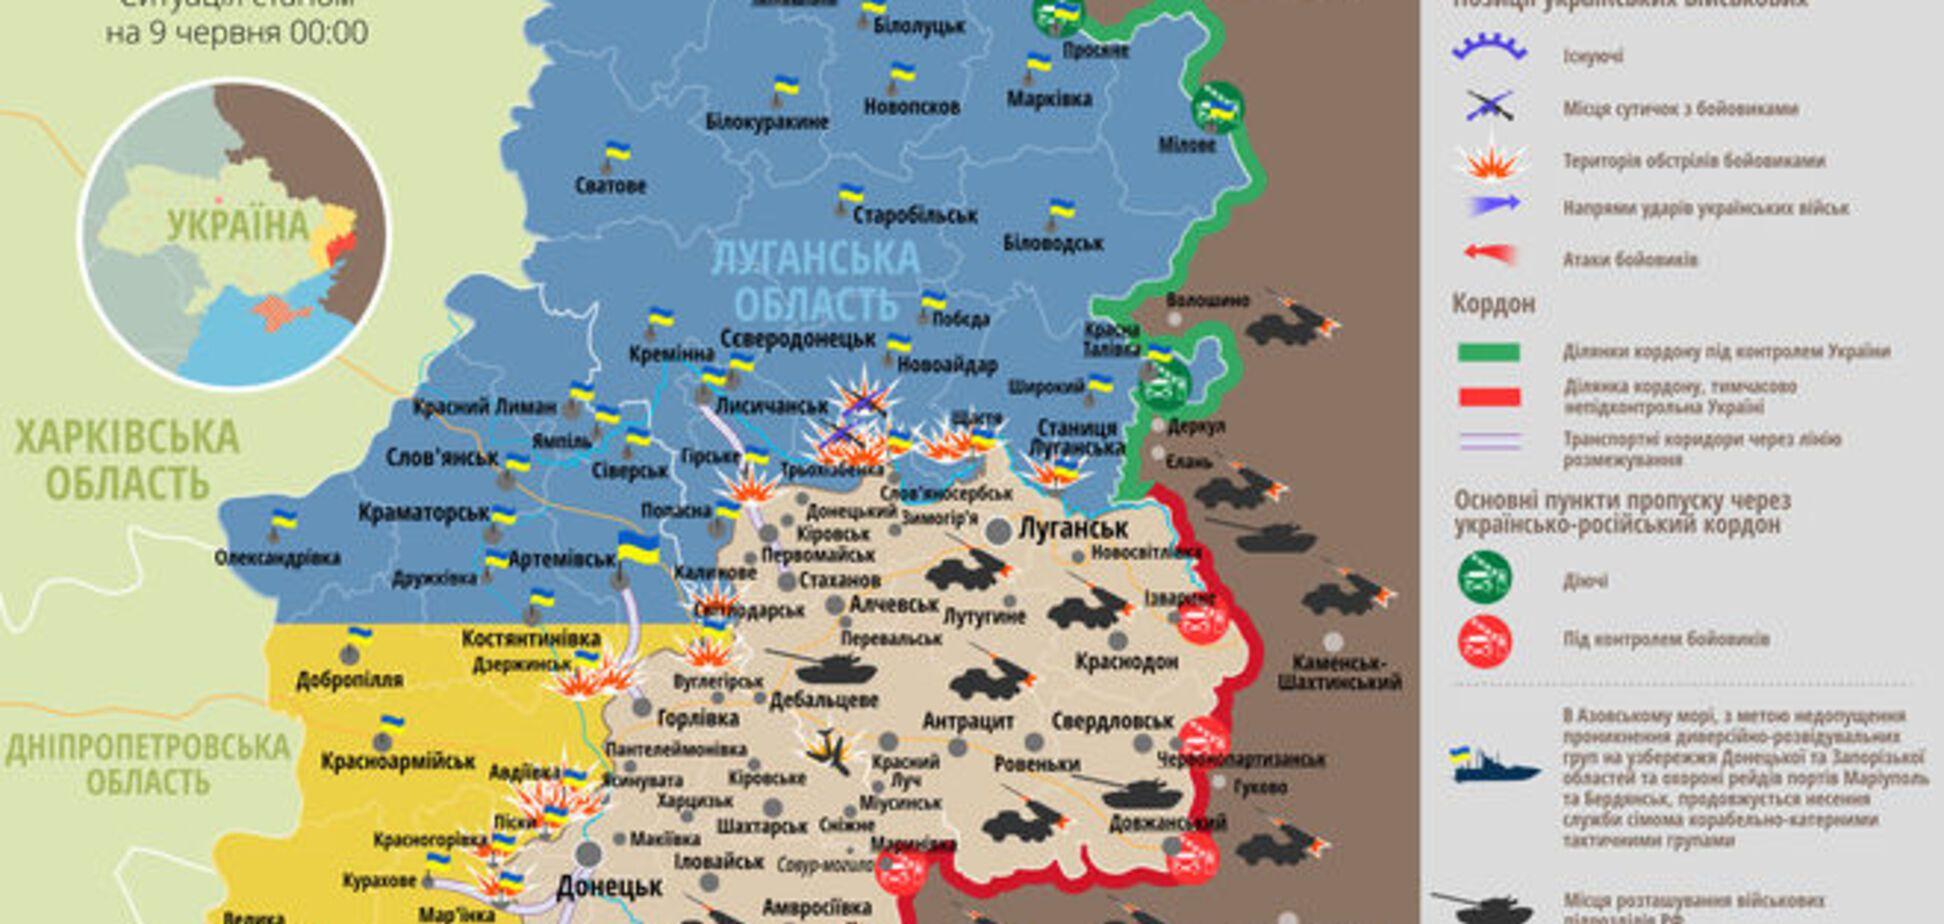 Террористы применили на Донбассе новые 'Грады': карта АТО